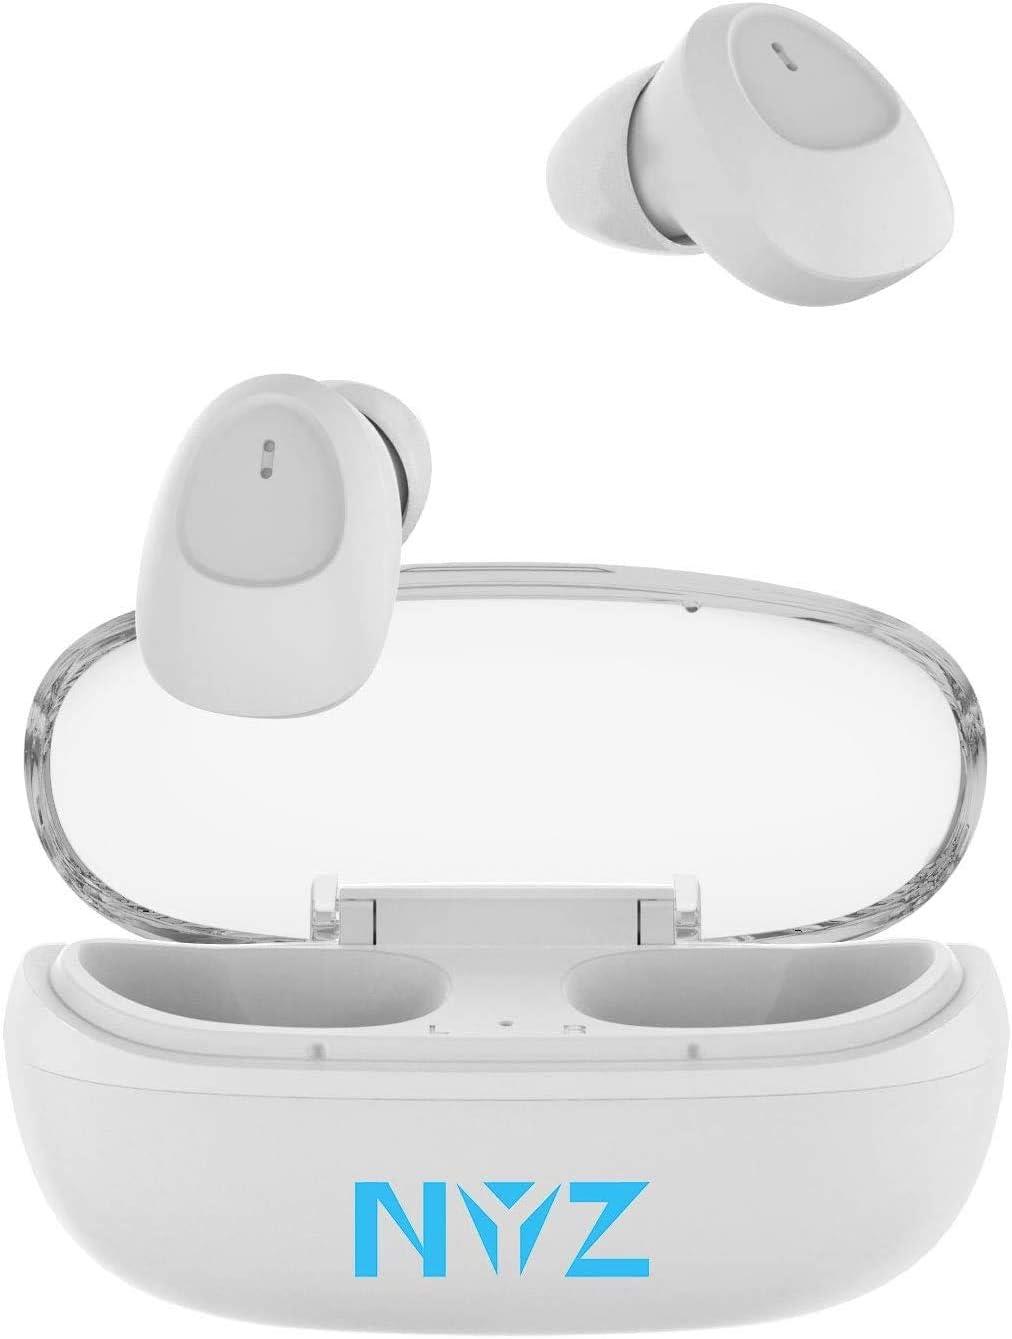 NYZ - Auriculares inalámbricos con Bluetooth 5.0, Sonido estéreo 3D con micrófono y Funda de Carga, Color Blanco